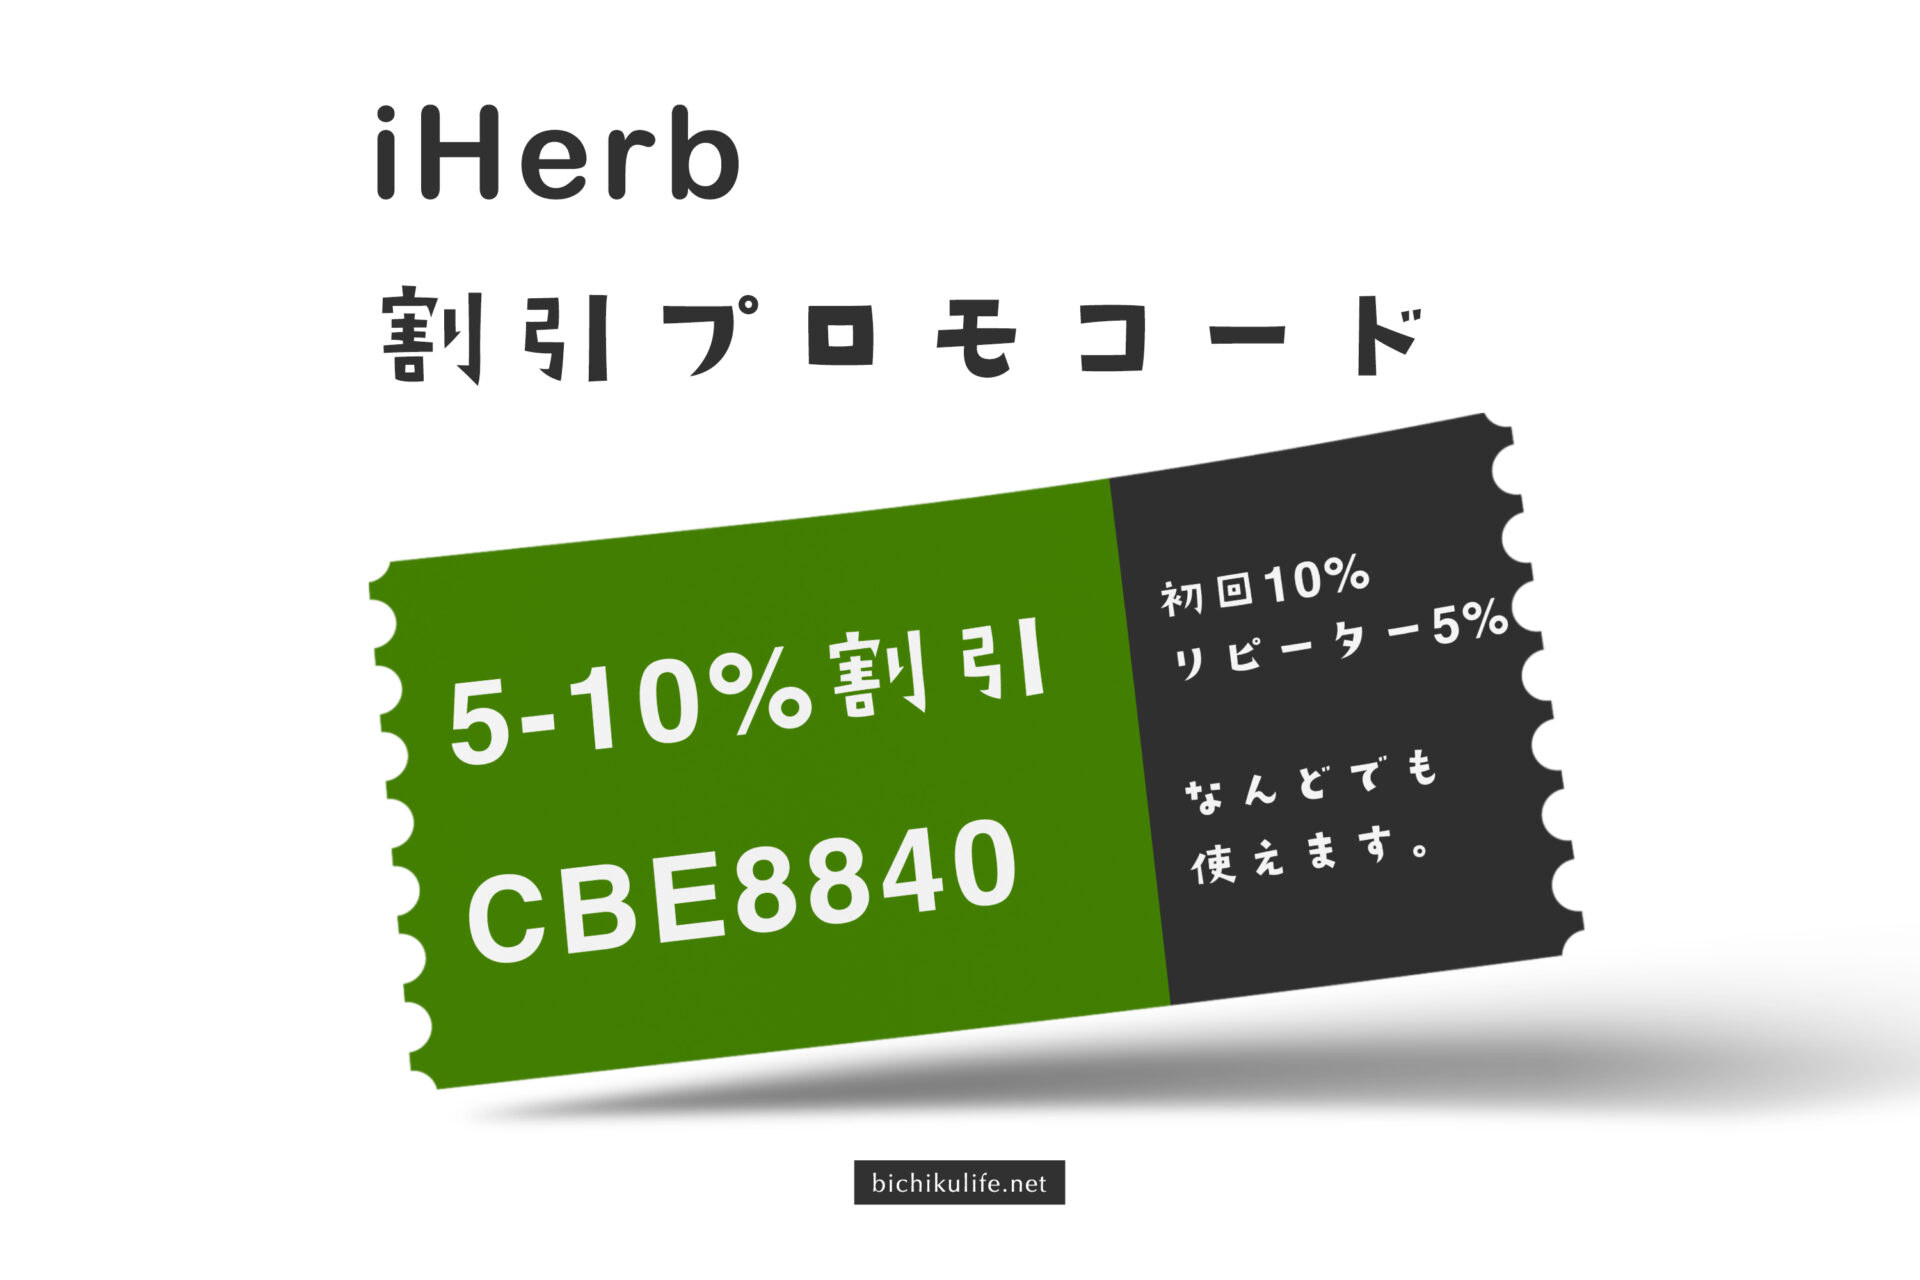 iHerb(アイハーブ)5%割引プロモコード「CBE8840」